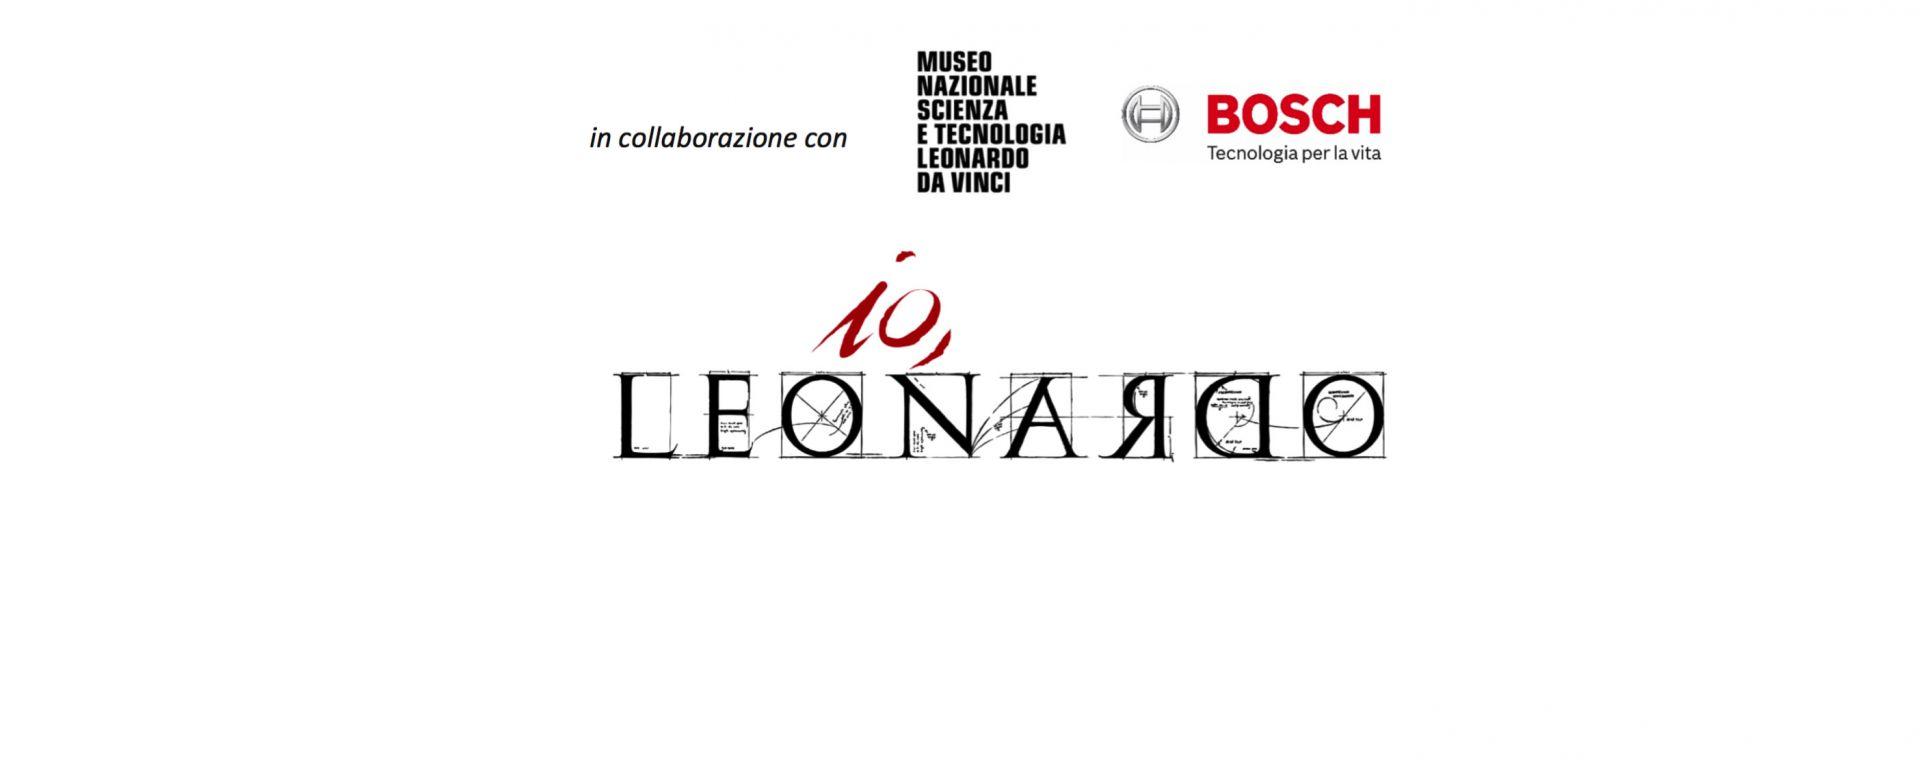 Bosch partner di Io, Leonardo per celebrare il genio italiano